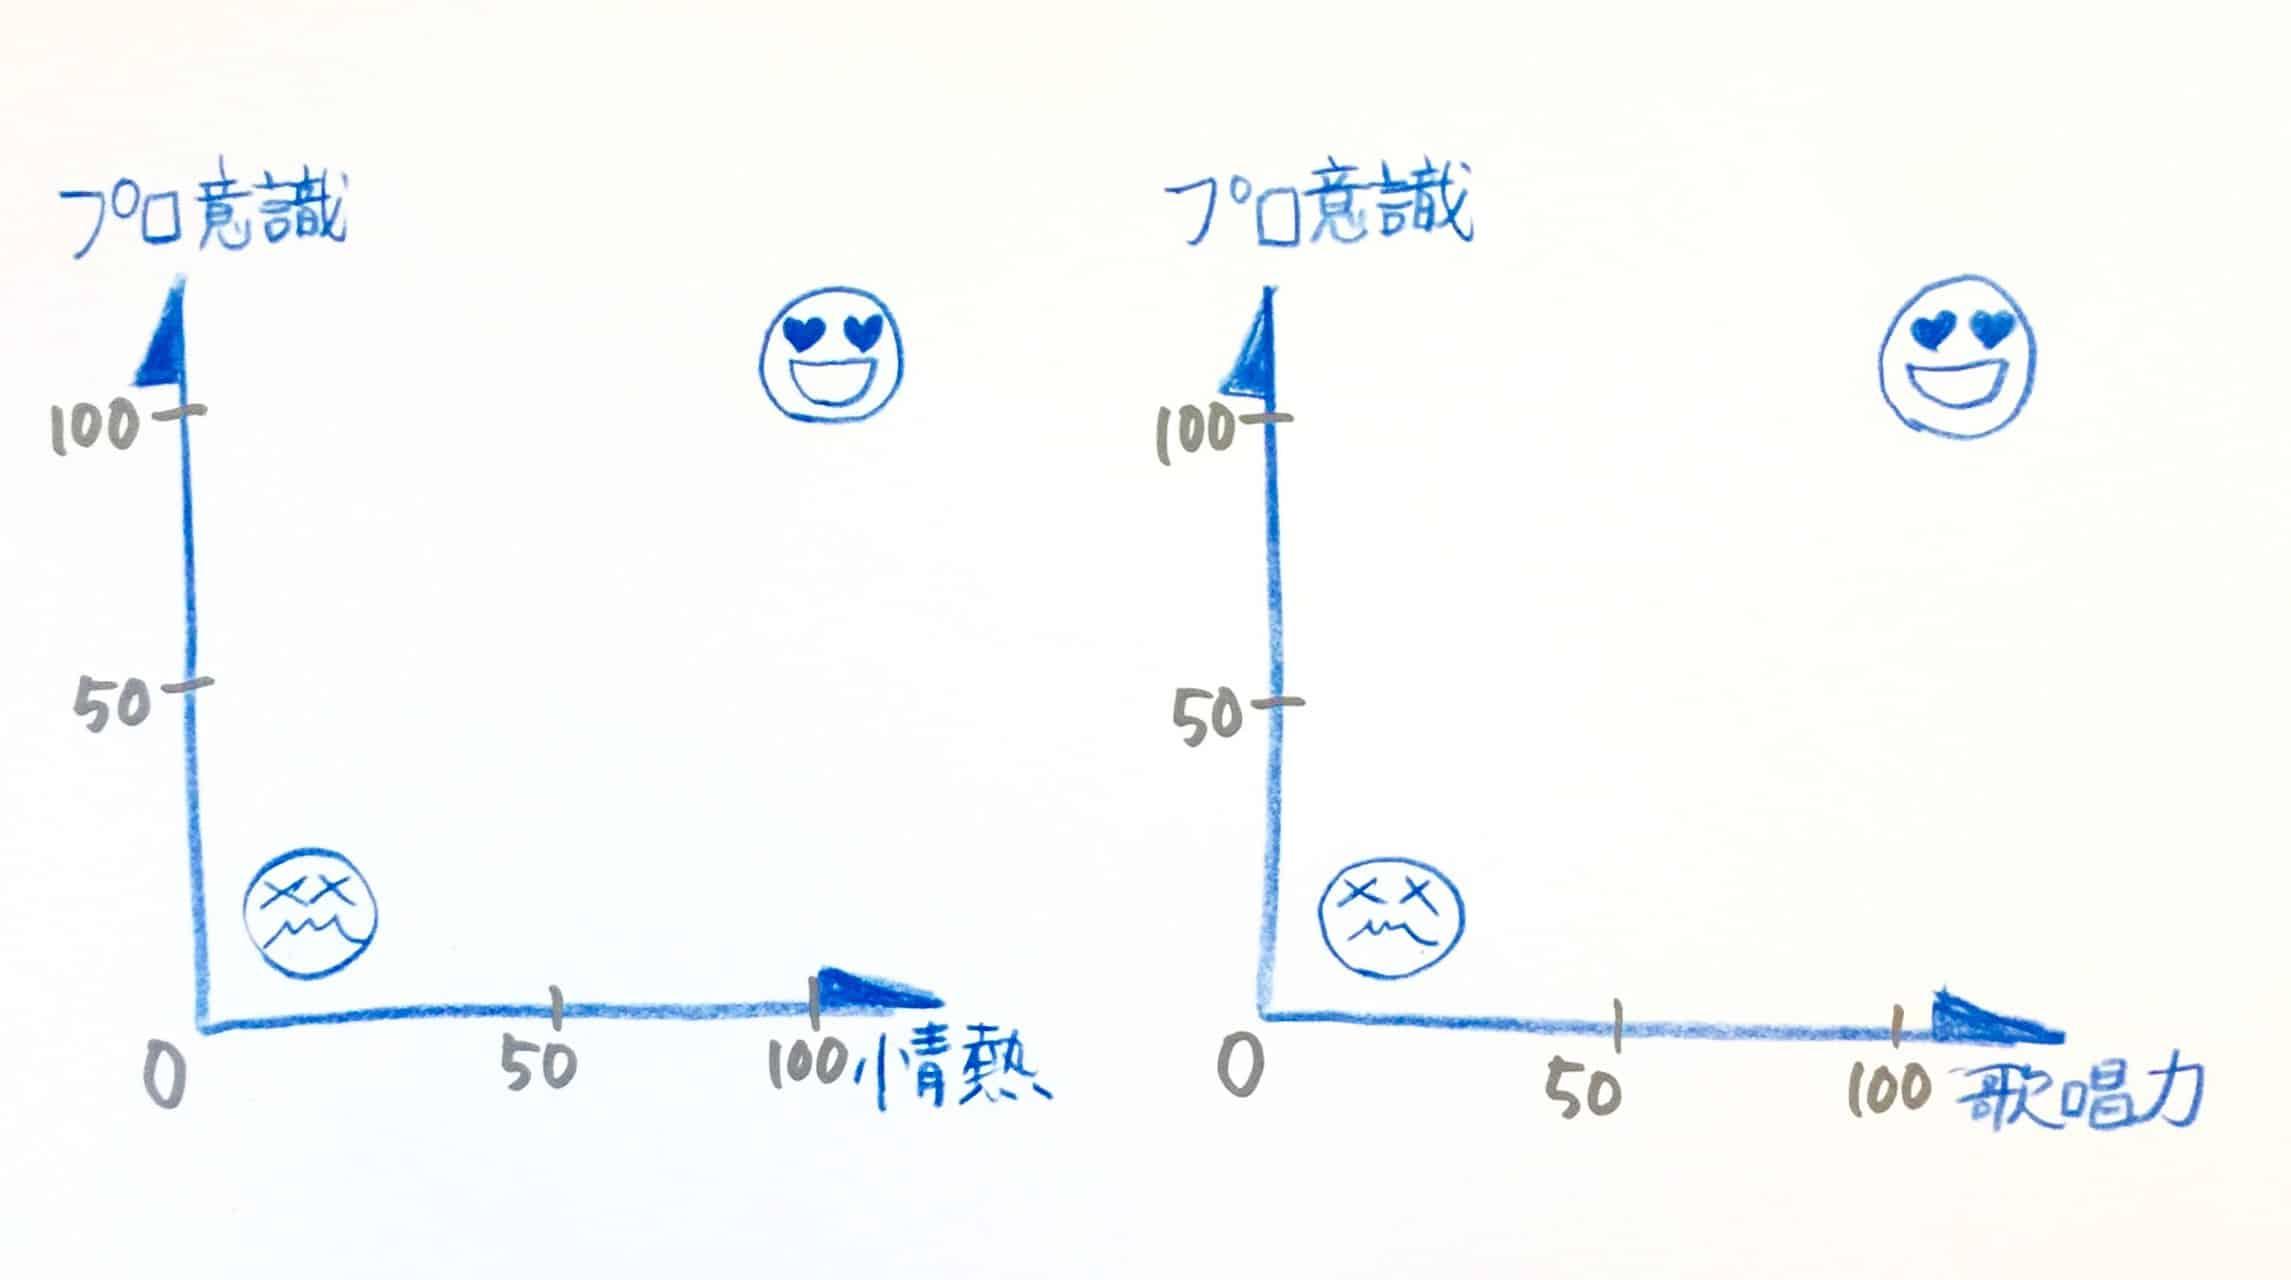 自分の歌のレベルを表す表